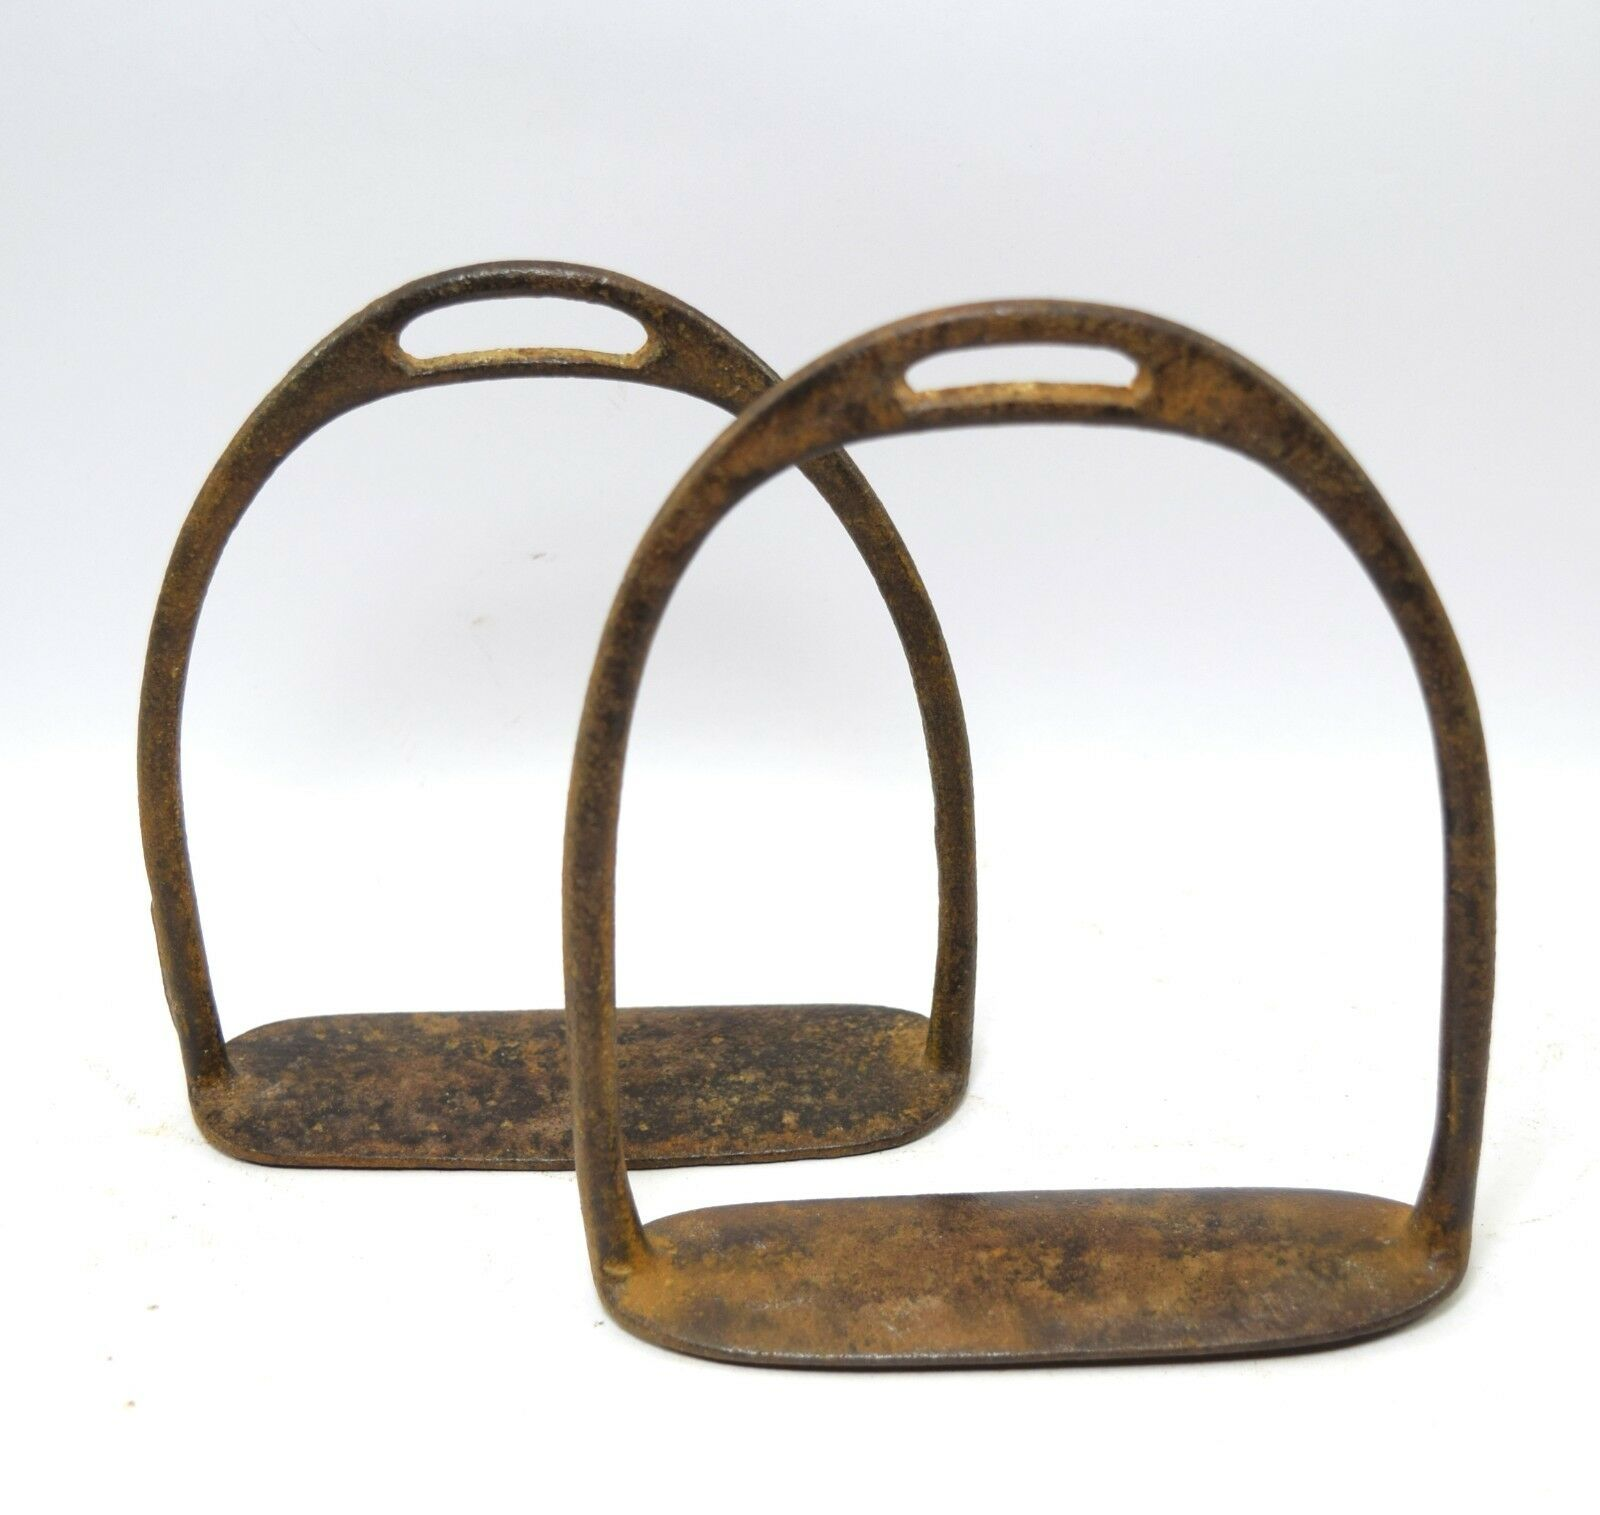 Pedal De Caballo De Buena Vintage Coleccionables estribo Par Granja nos Decoración. G42-165